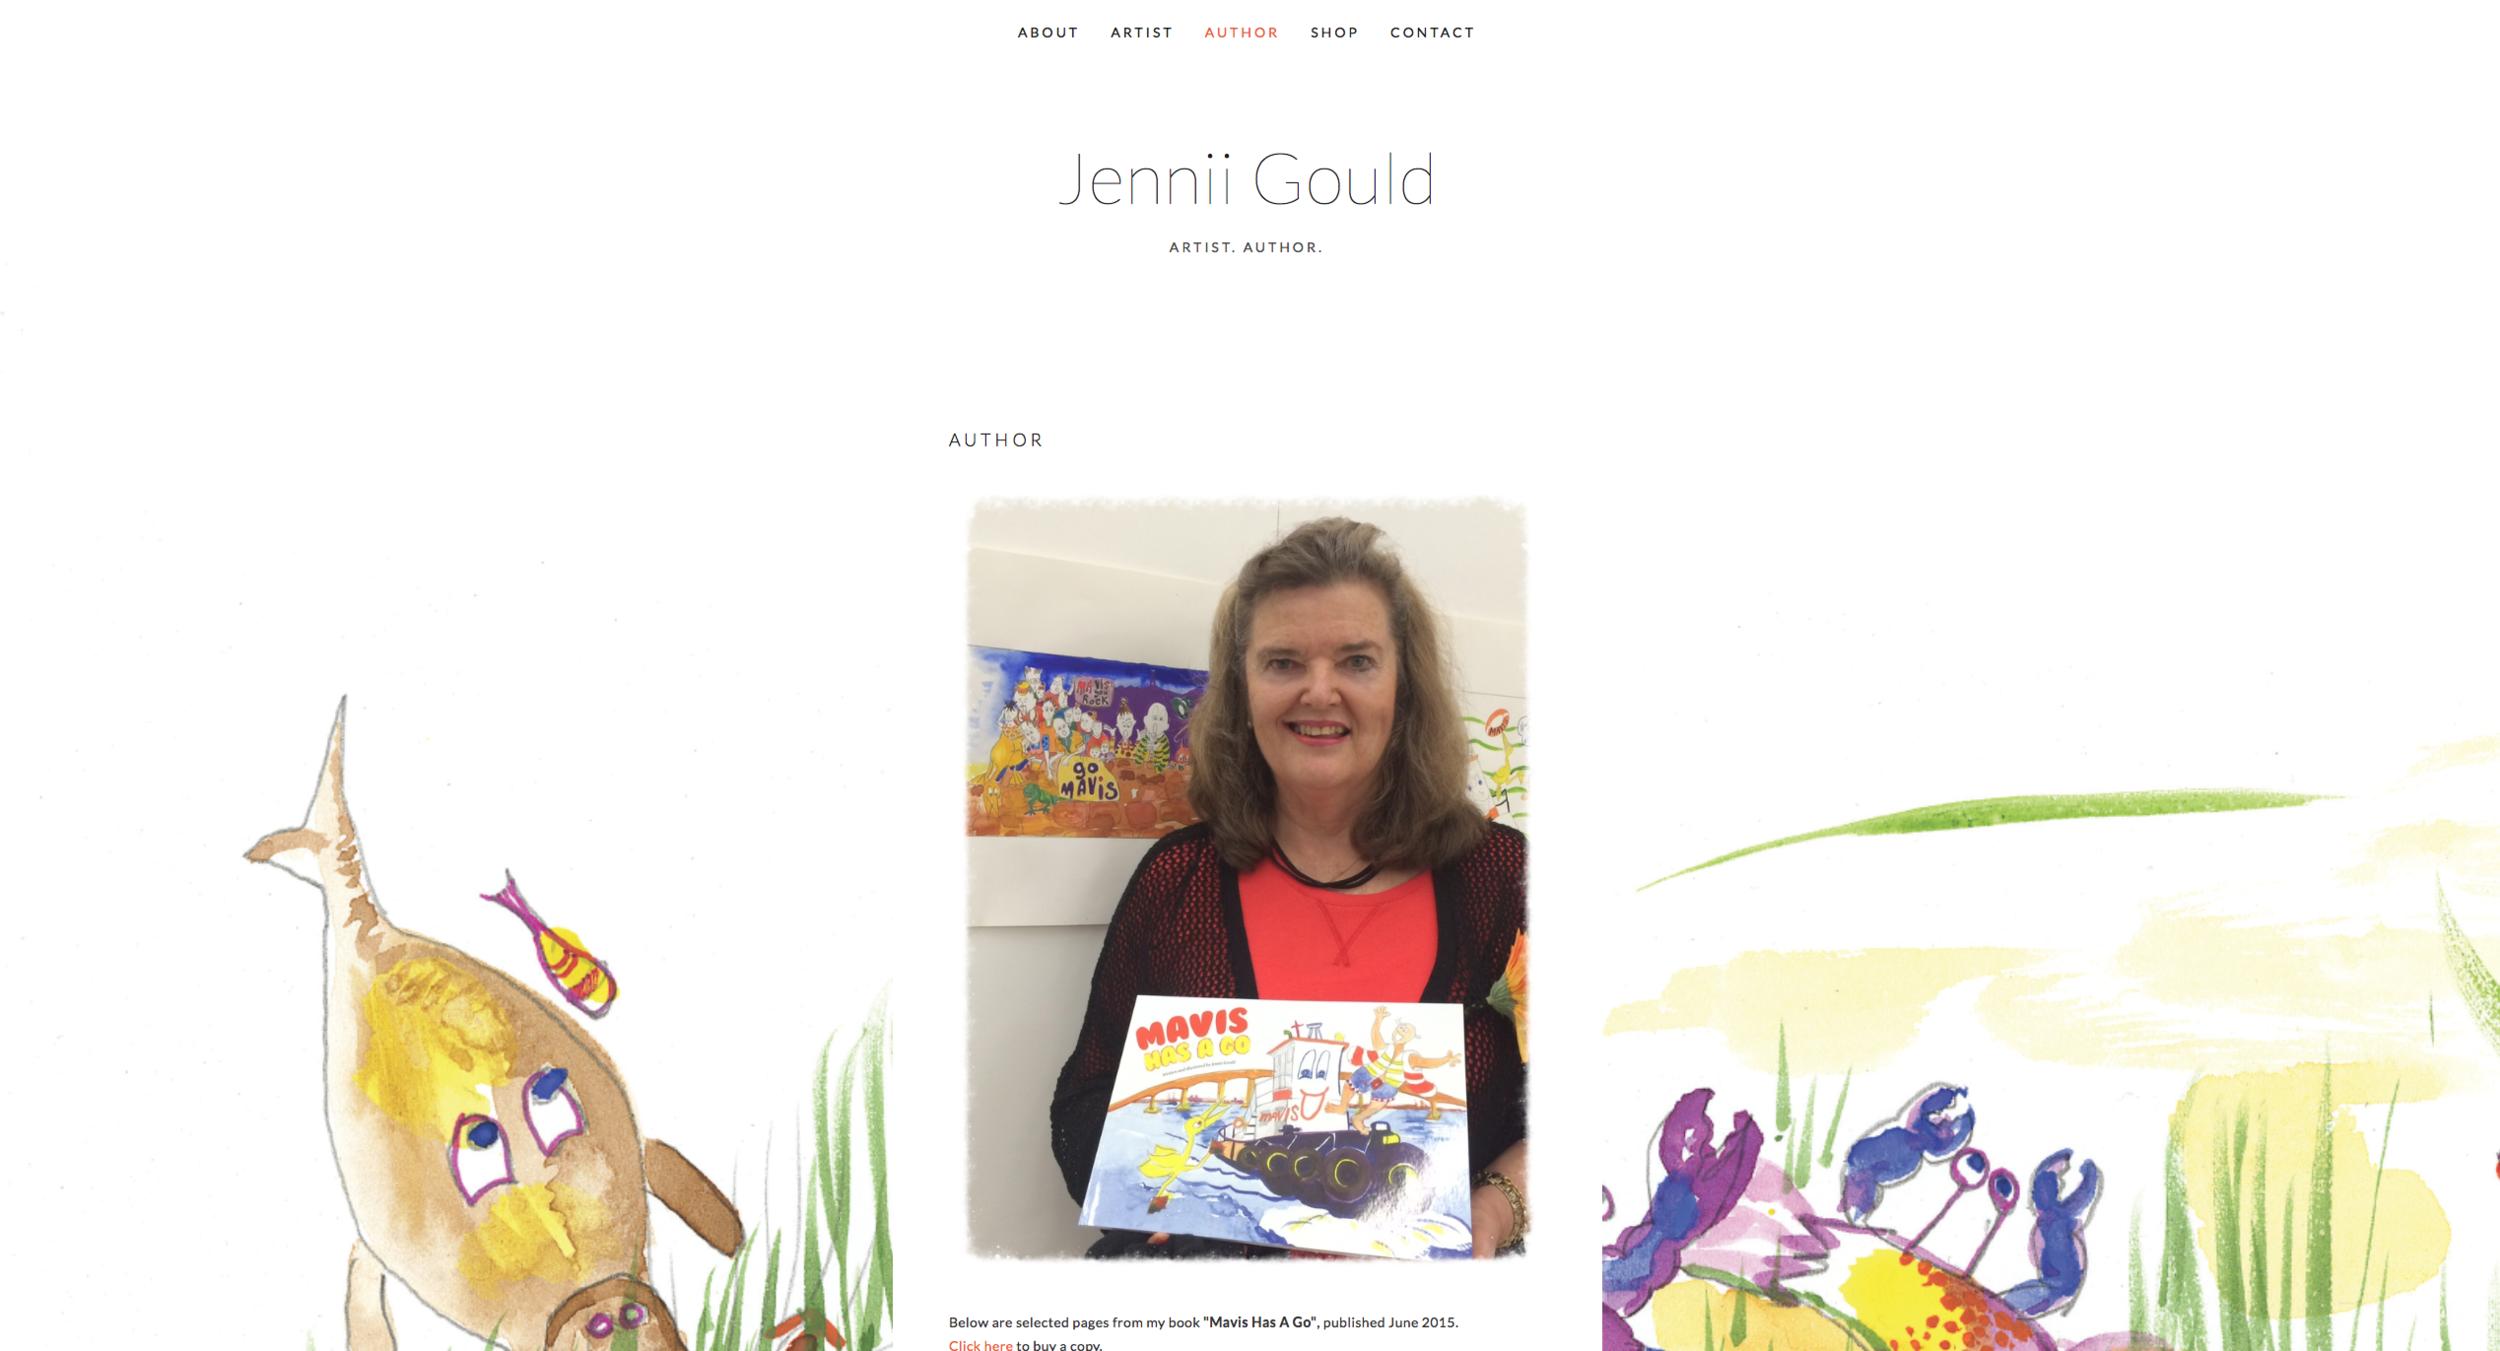 JenniiGould.com